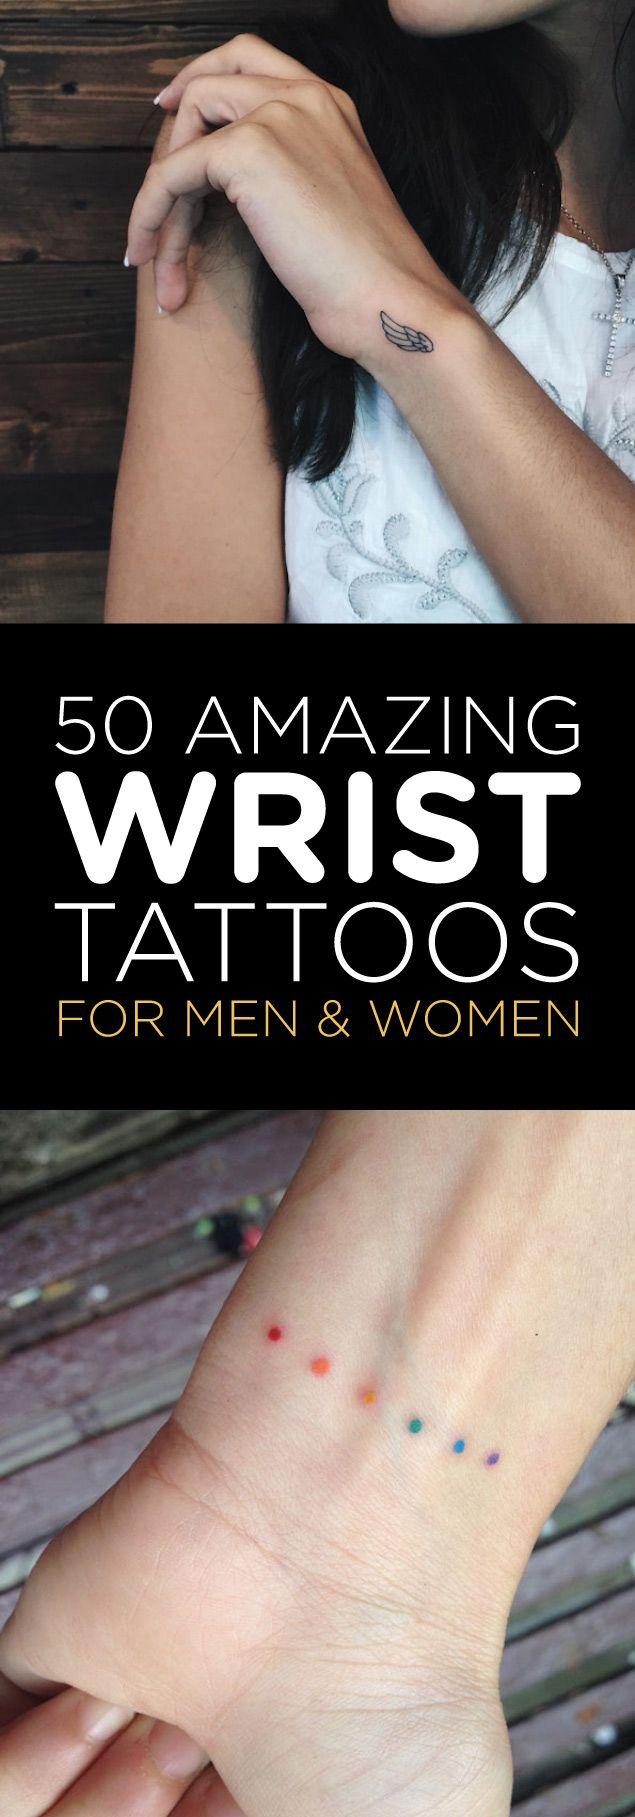 amazing wrist tattoos for men u women wrist tattoo tattoo